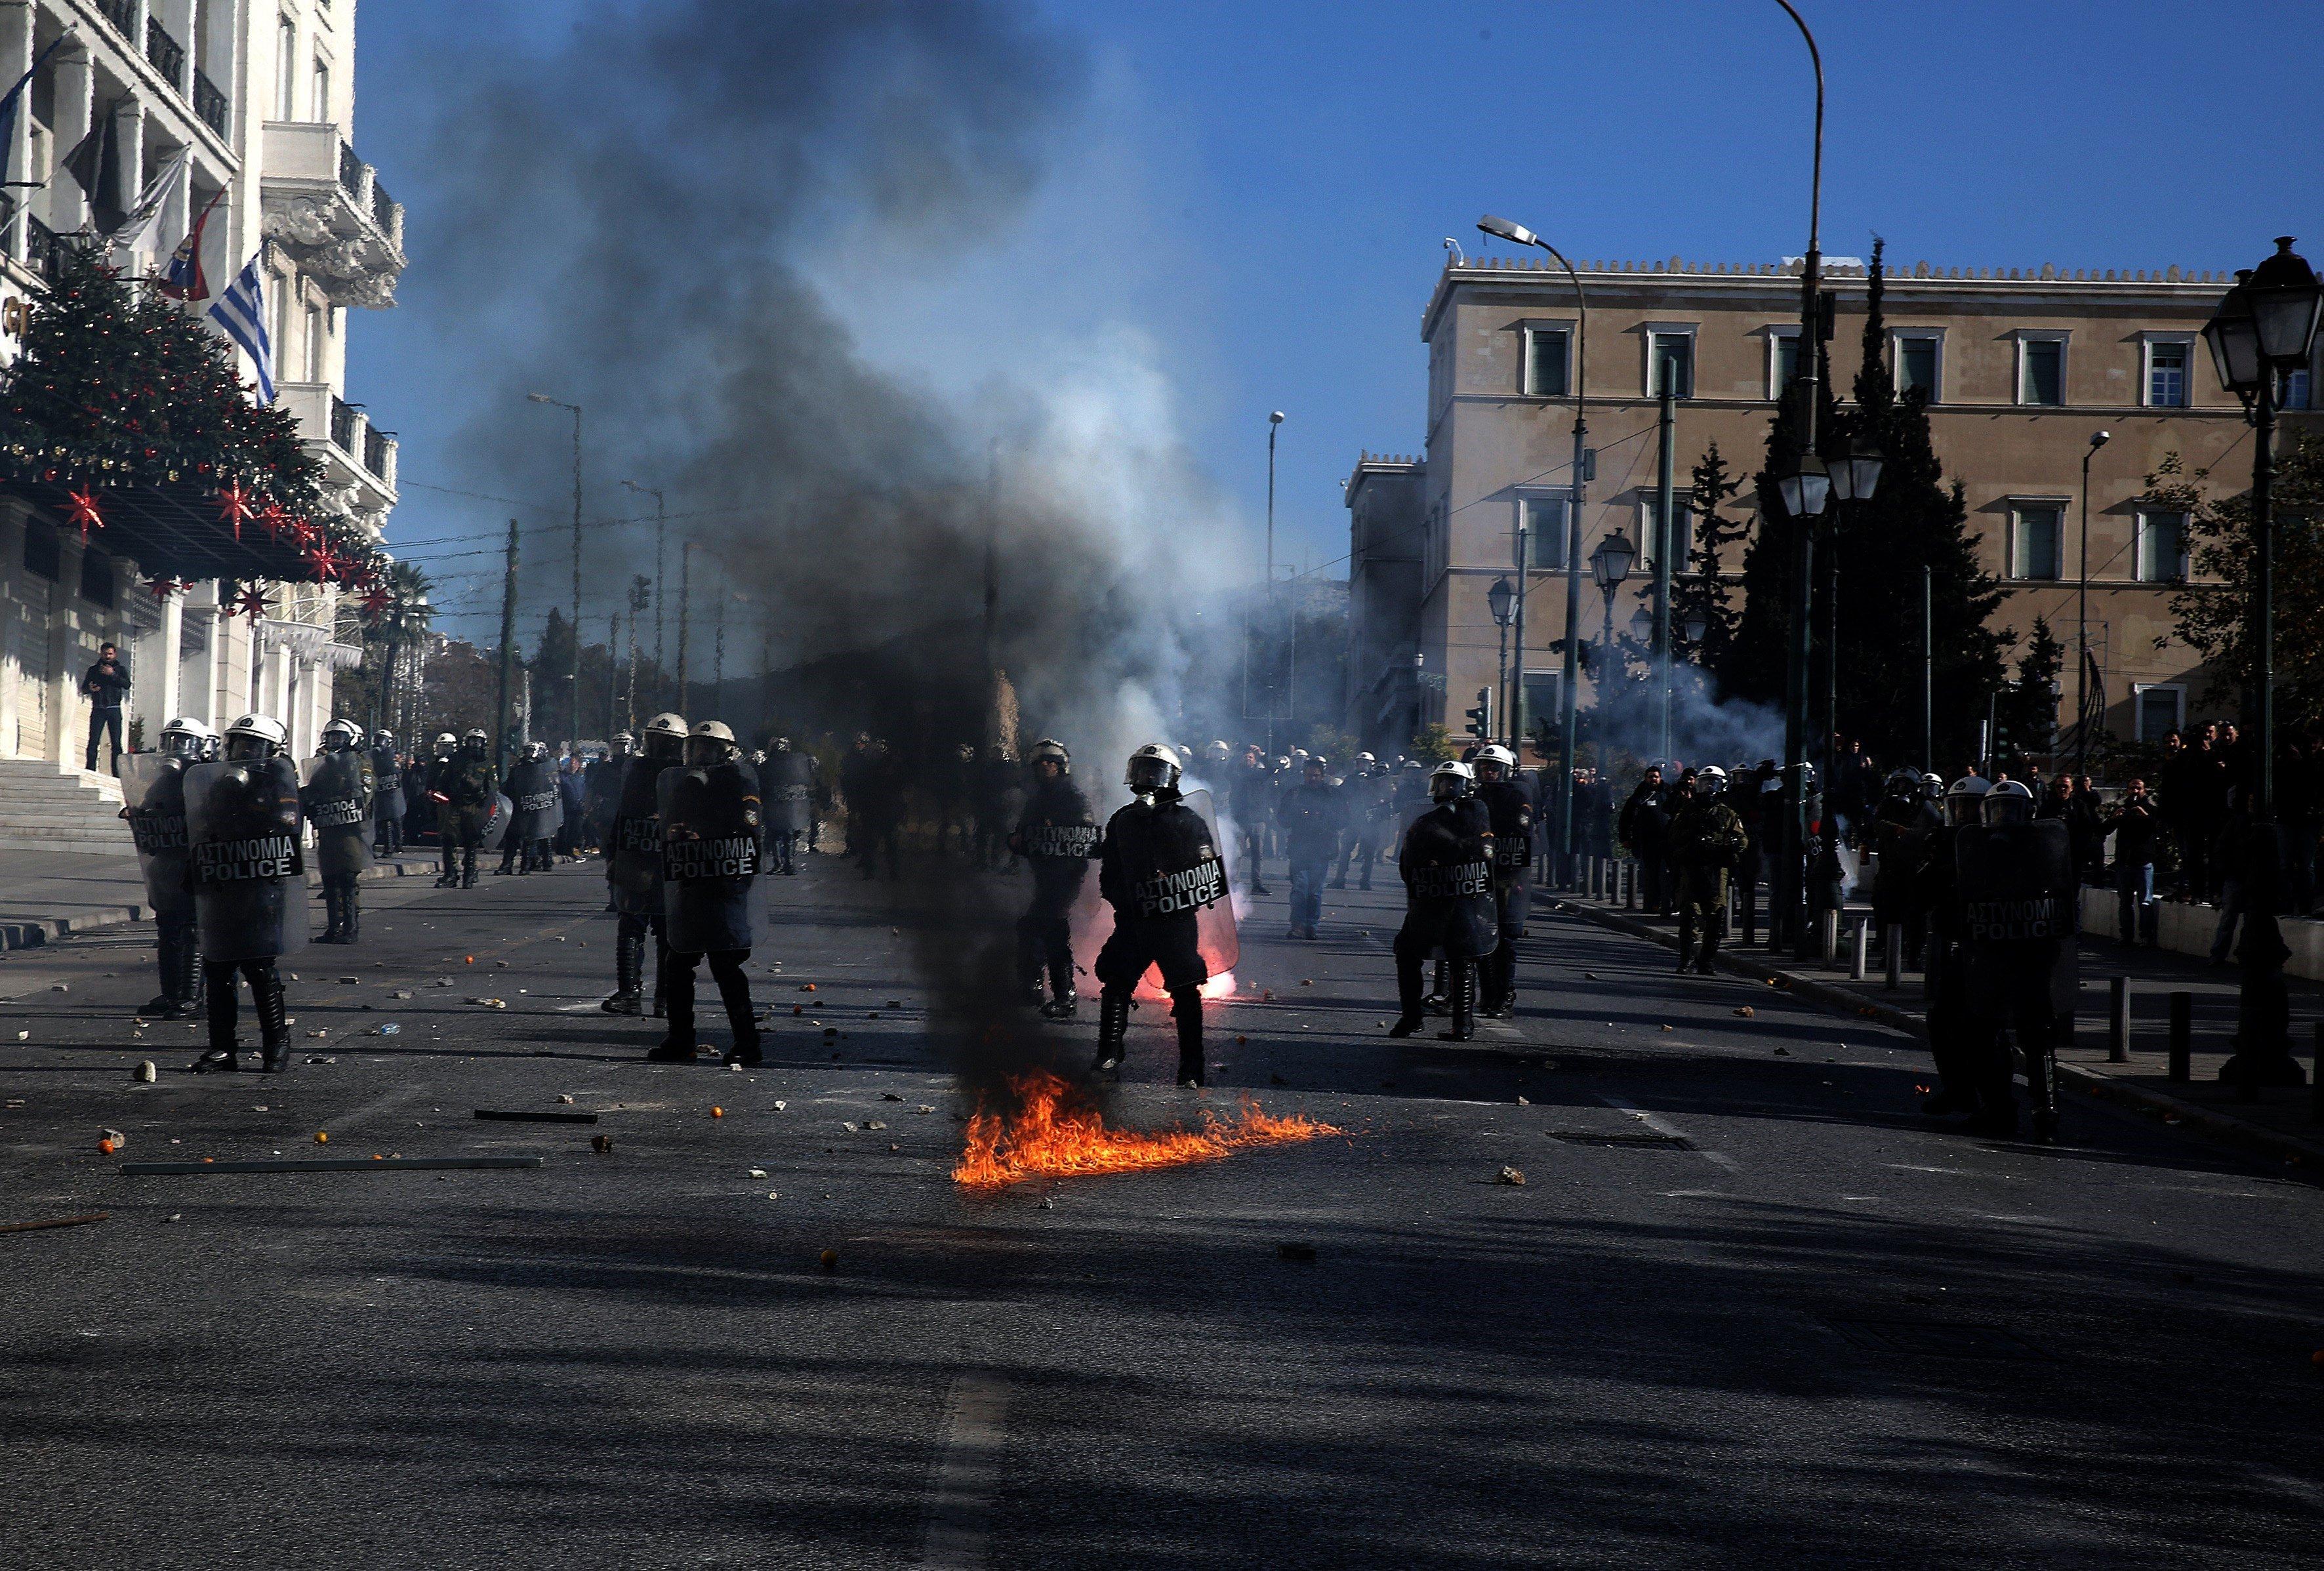 Manifestants llancen còctels molotov contra els antidisturbis durant una protesta amb motiu de l'aniversari de la mort del jove Alexis Grigoropoulos, mort a tirs per un agent el 6 de desembre del 2008, a Atenes (Grècia). /ALEXANDROS VLACHOS